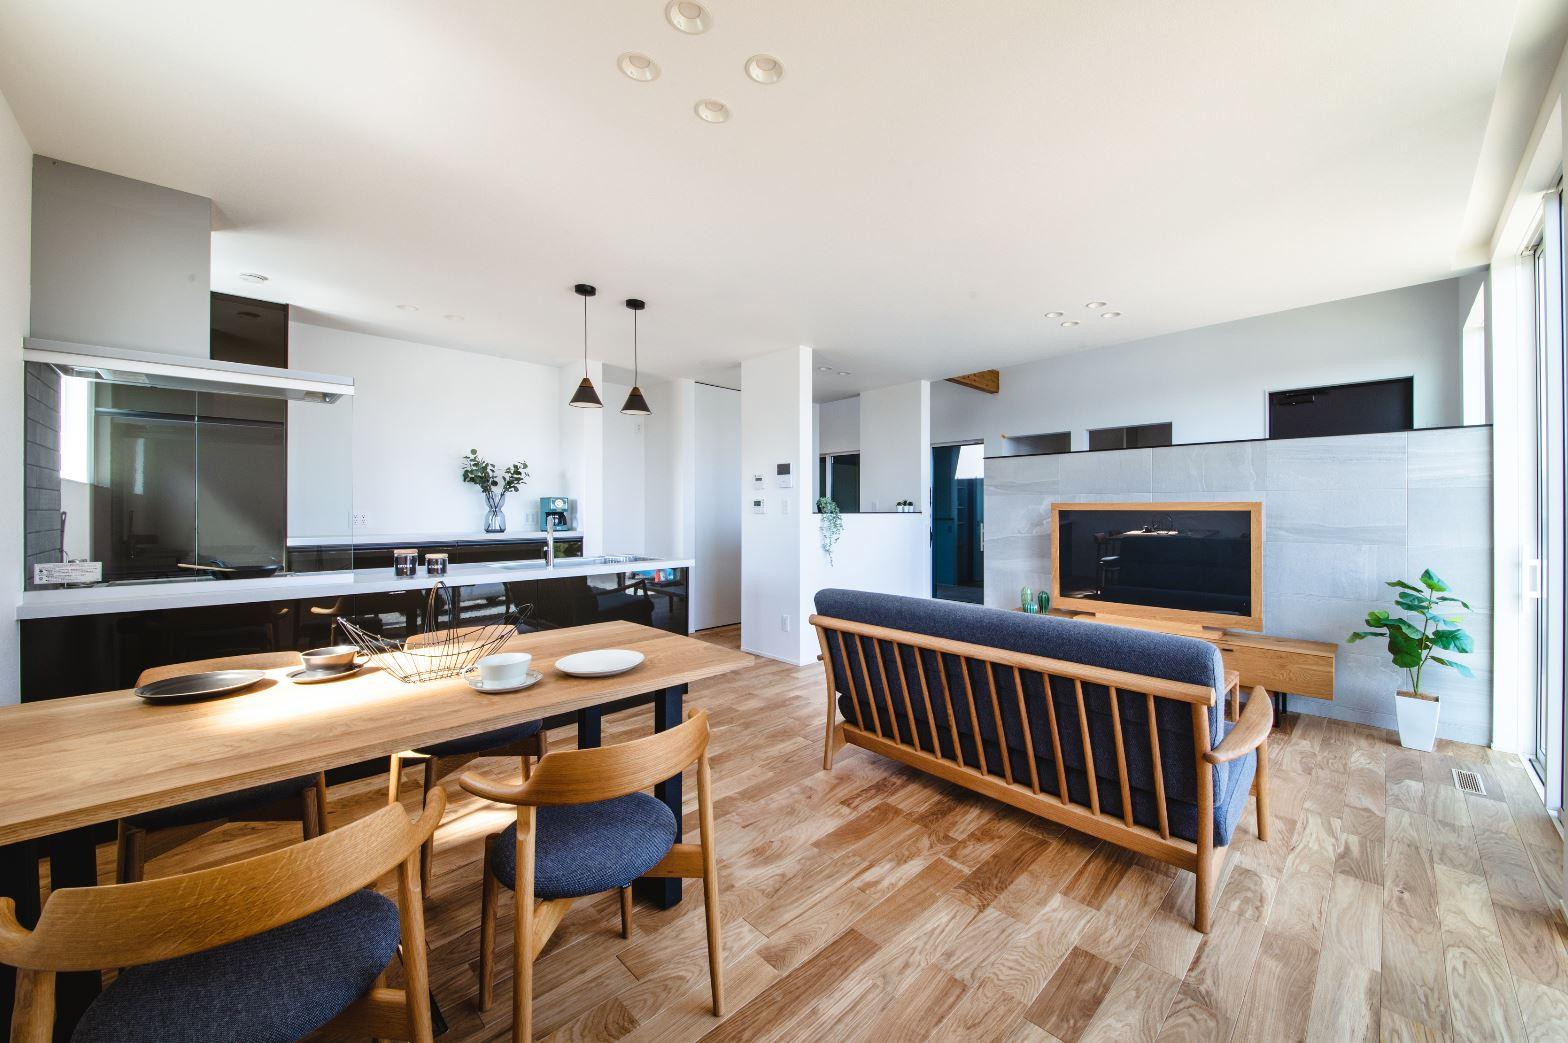 S.CONNECT(エスコネクト)【ペット、建築家、平屋】永く住む家なので、明るくて落ち着いた感じがいいなと、床は明るめなタイプを選んだ